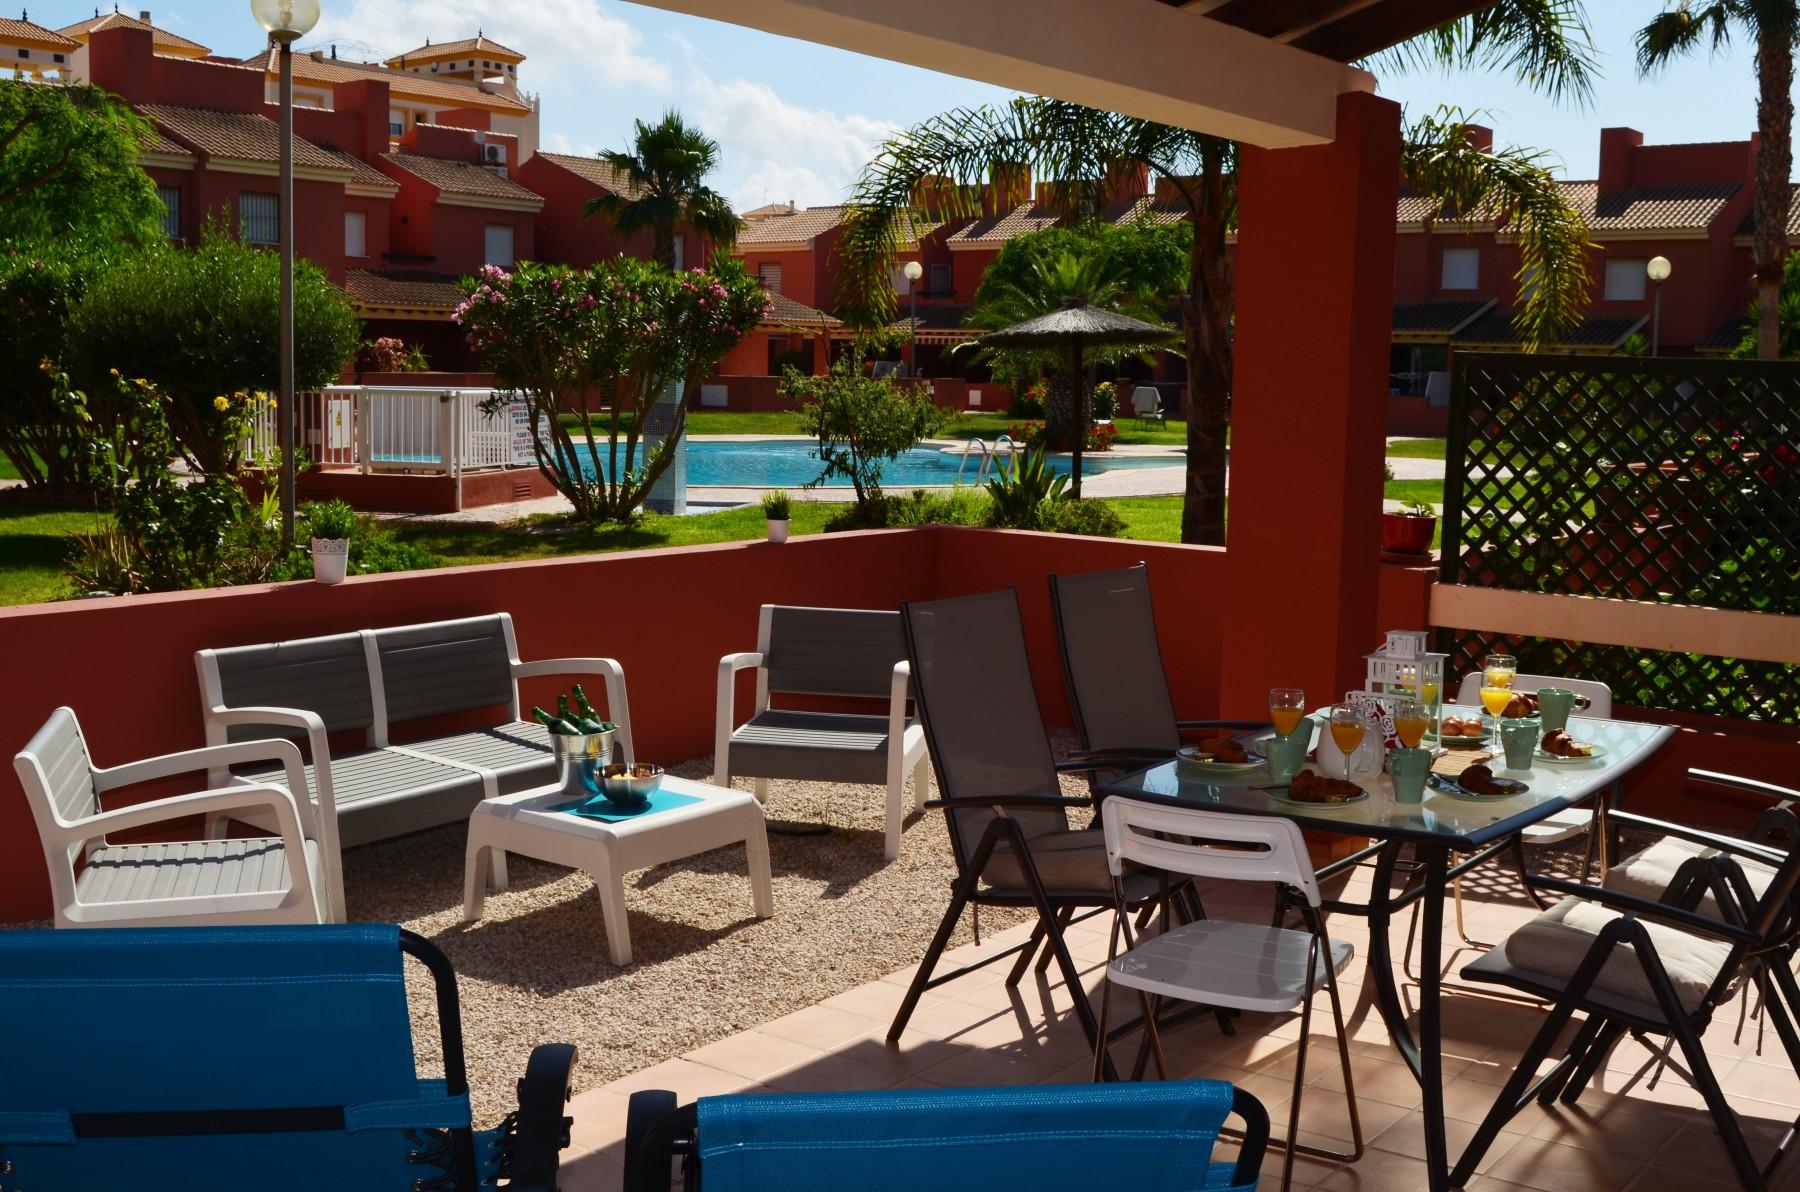 Albatros Playa 2 9408 Ferienhäuser In Mar De Cristal